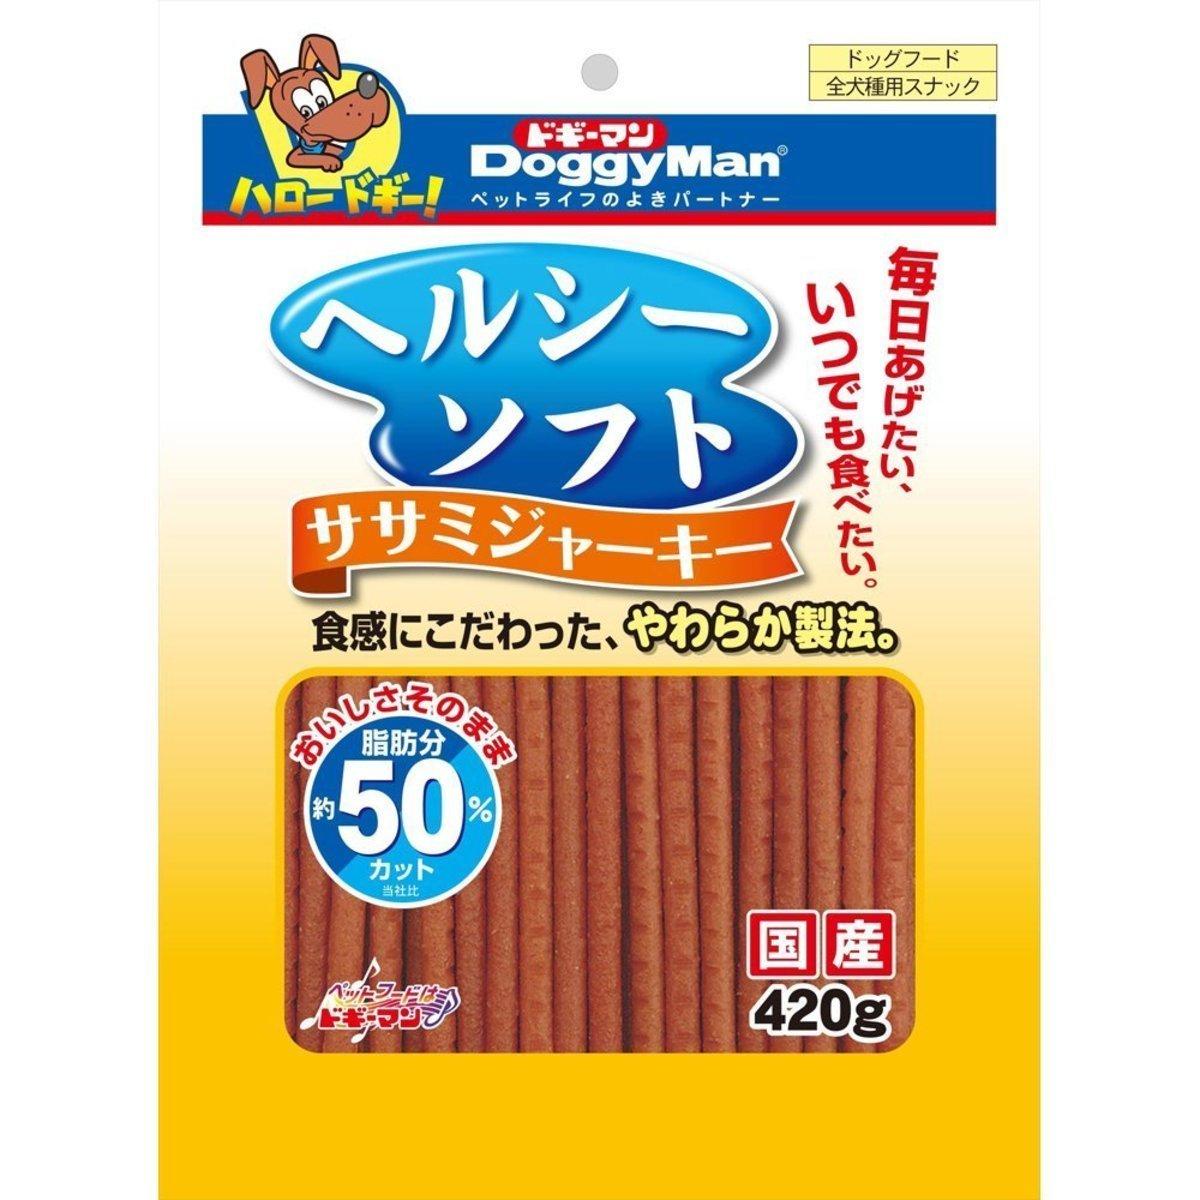 Healthy Soft Sasami Jerky (420g) #81957 R